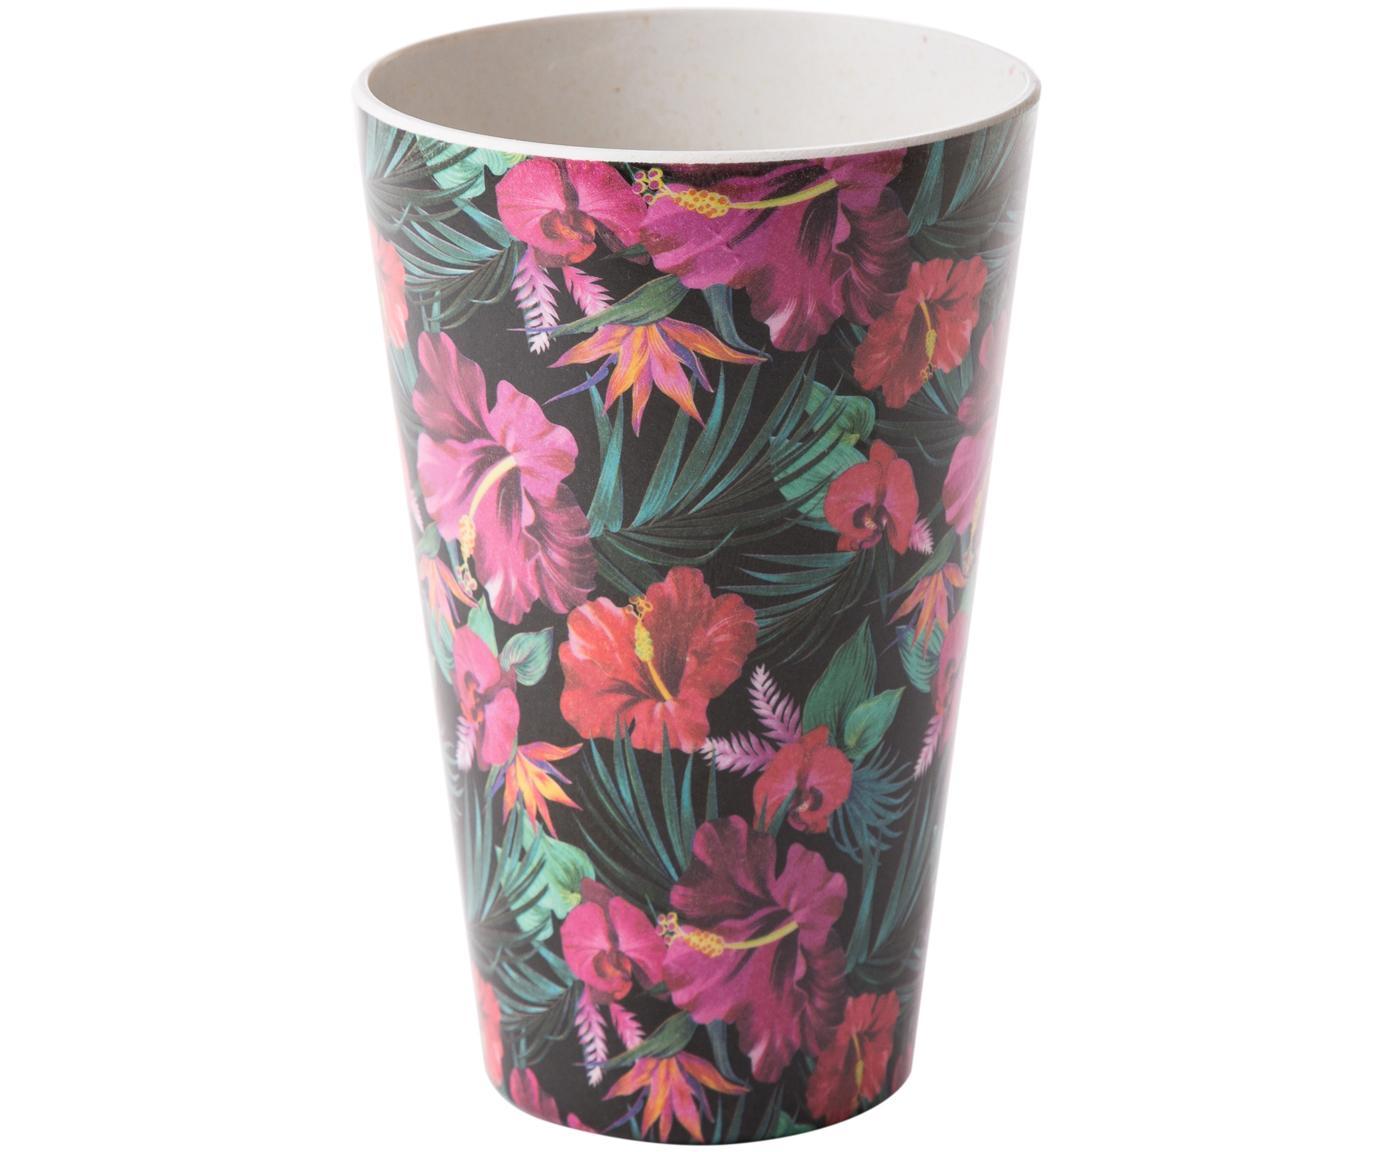 Taza de bambú Tropical Flower, 55%fibras de bambú, 25%almidón de maíz, 15%melamina, Tonos verdes, tonos fucsias, rojo, blanco, Ø 9 x Al 13 cm